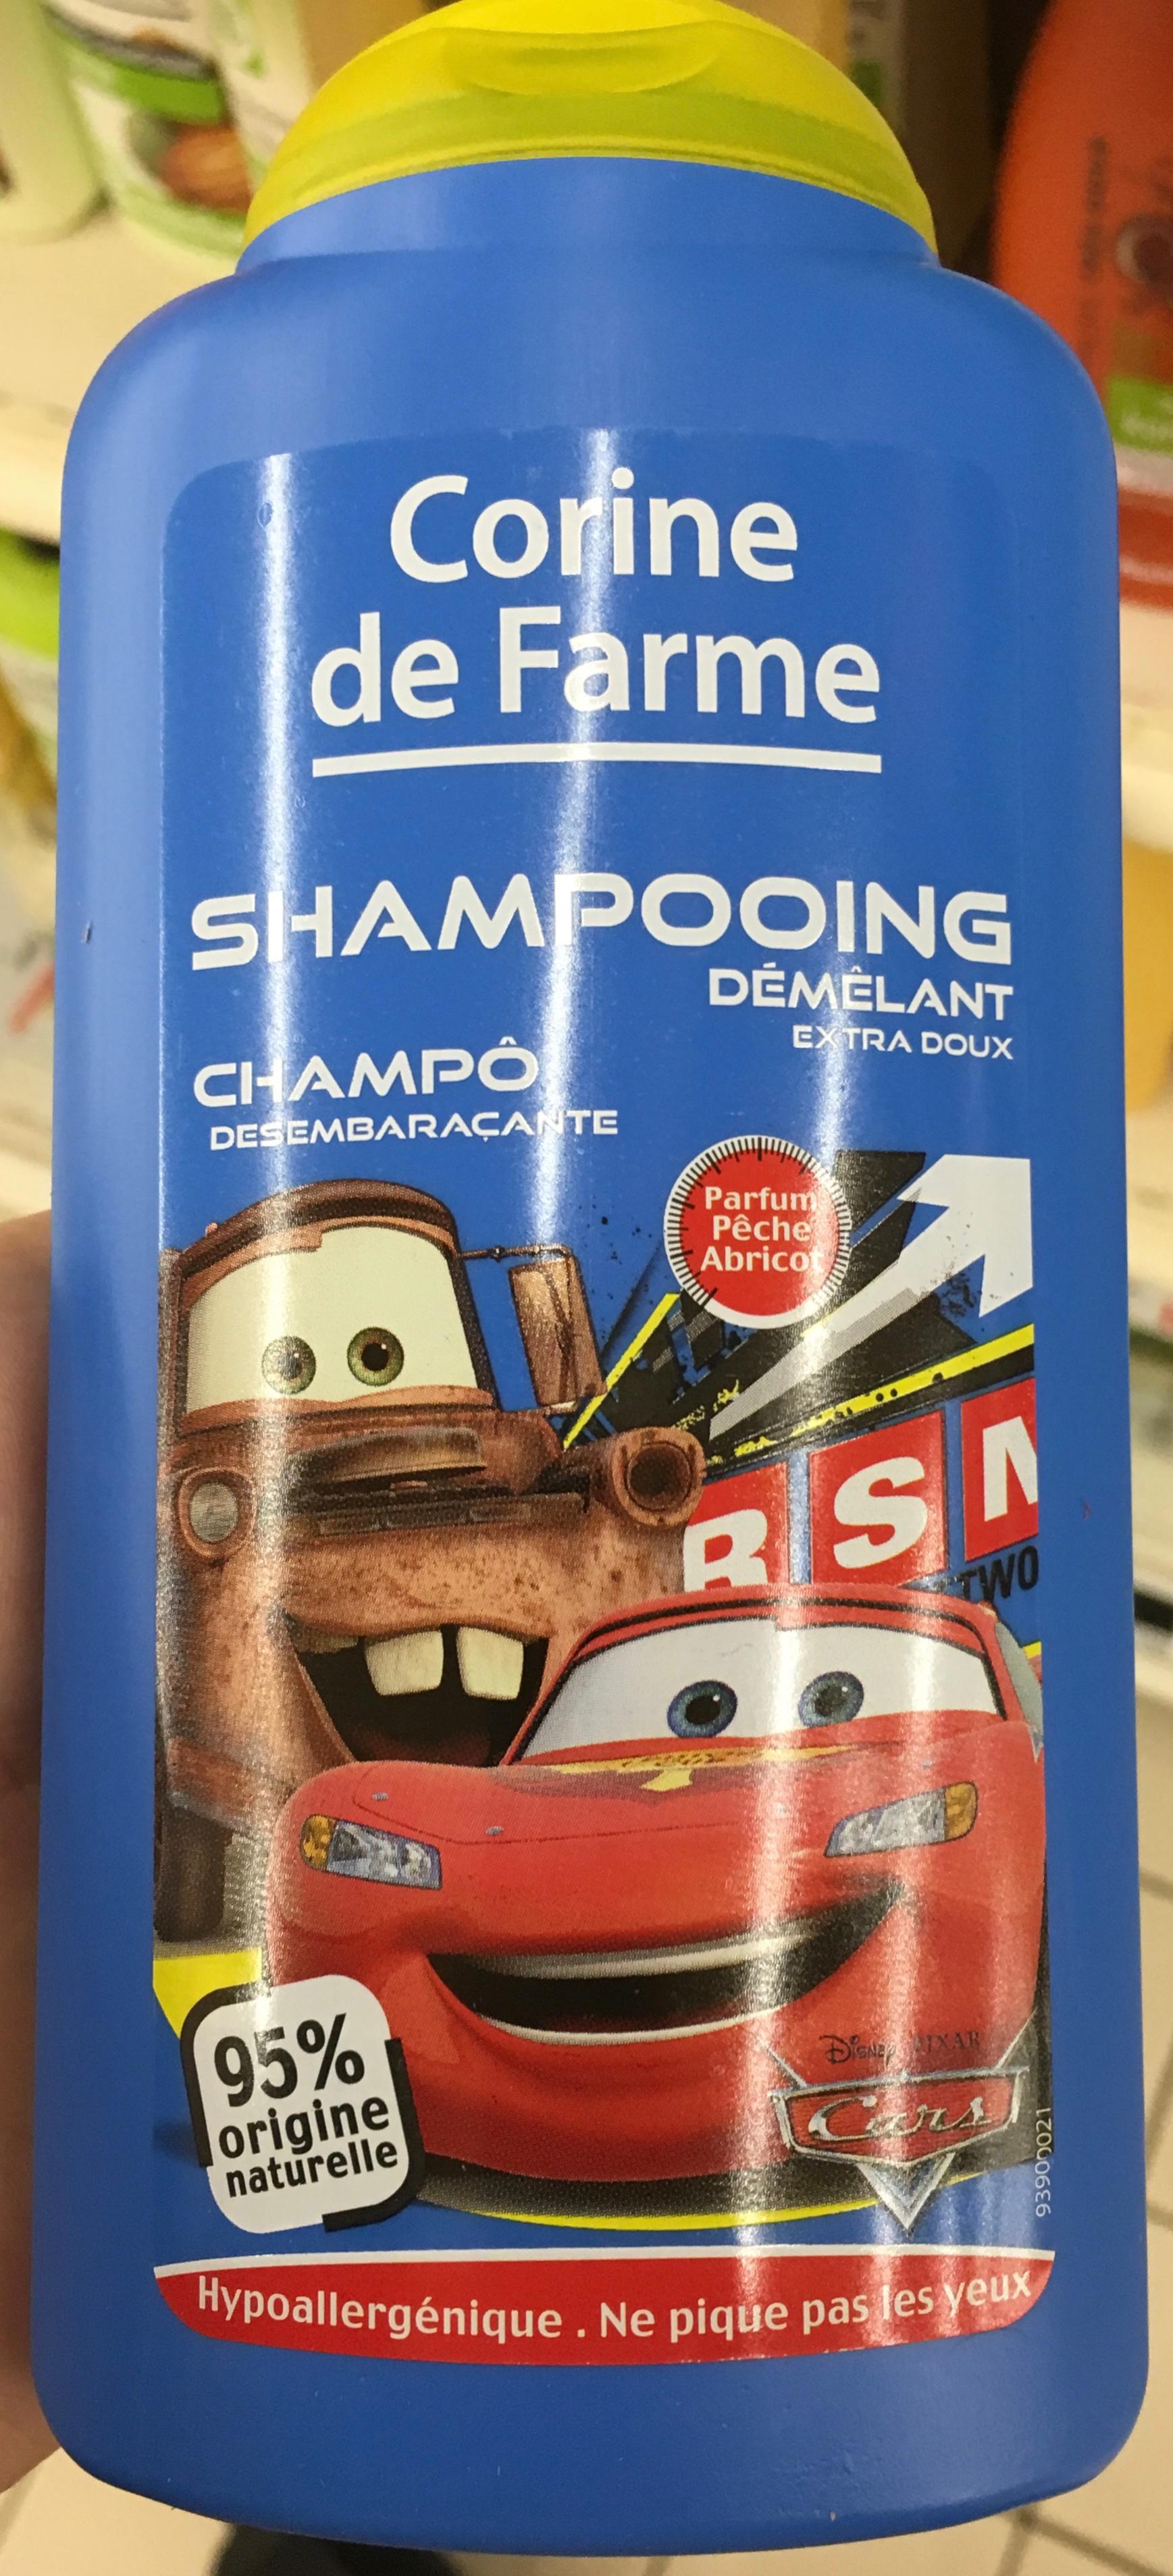 Shampooing démêlant extra doux Parfum Pèche Abricot - Produit